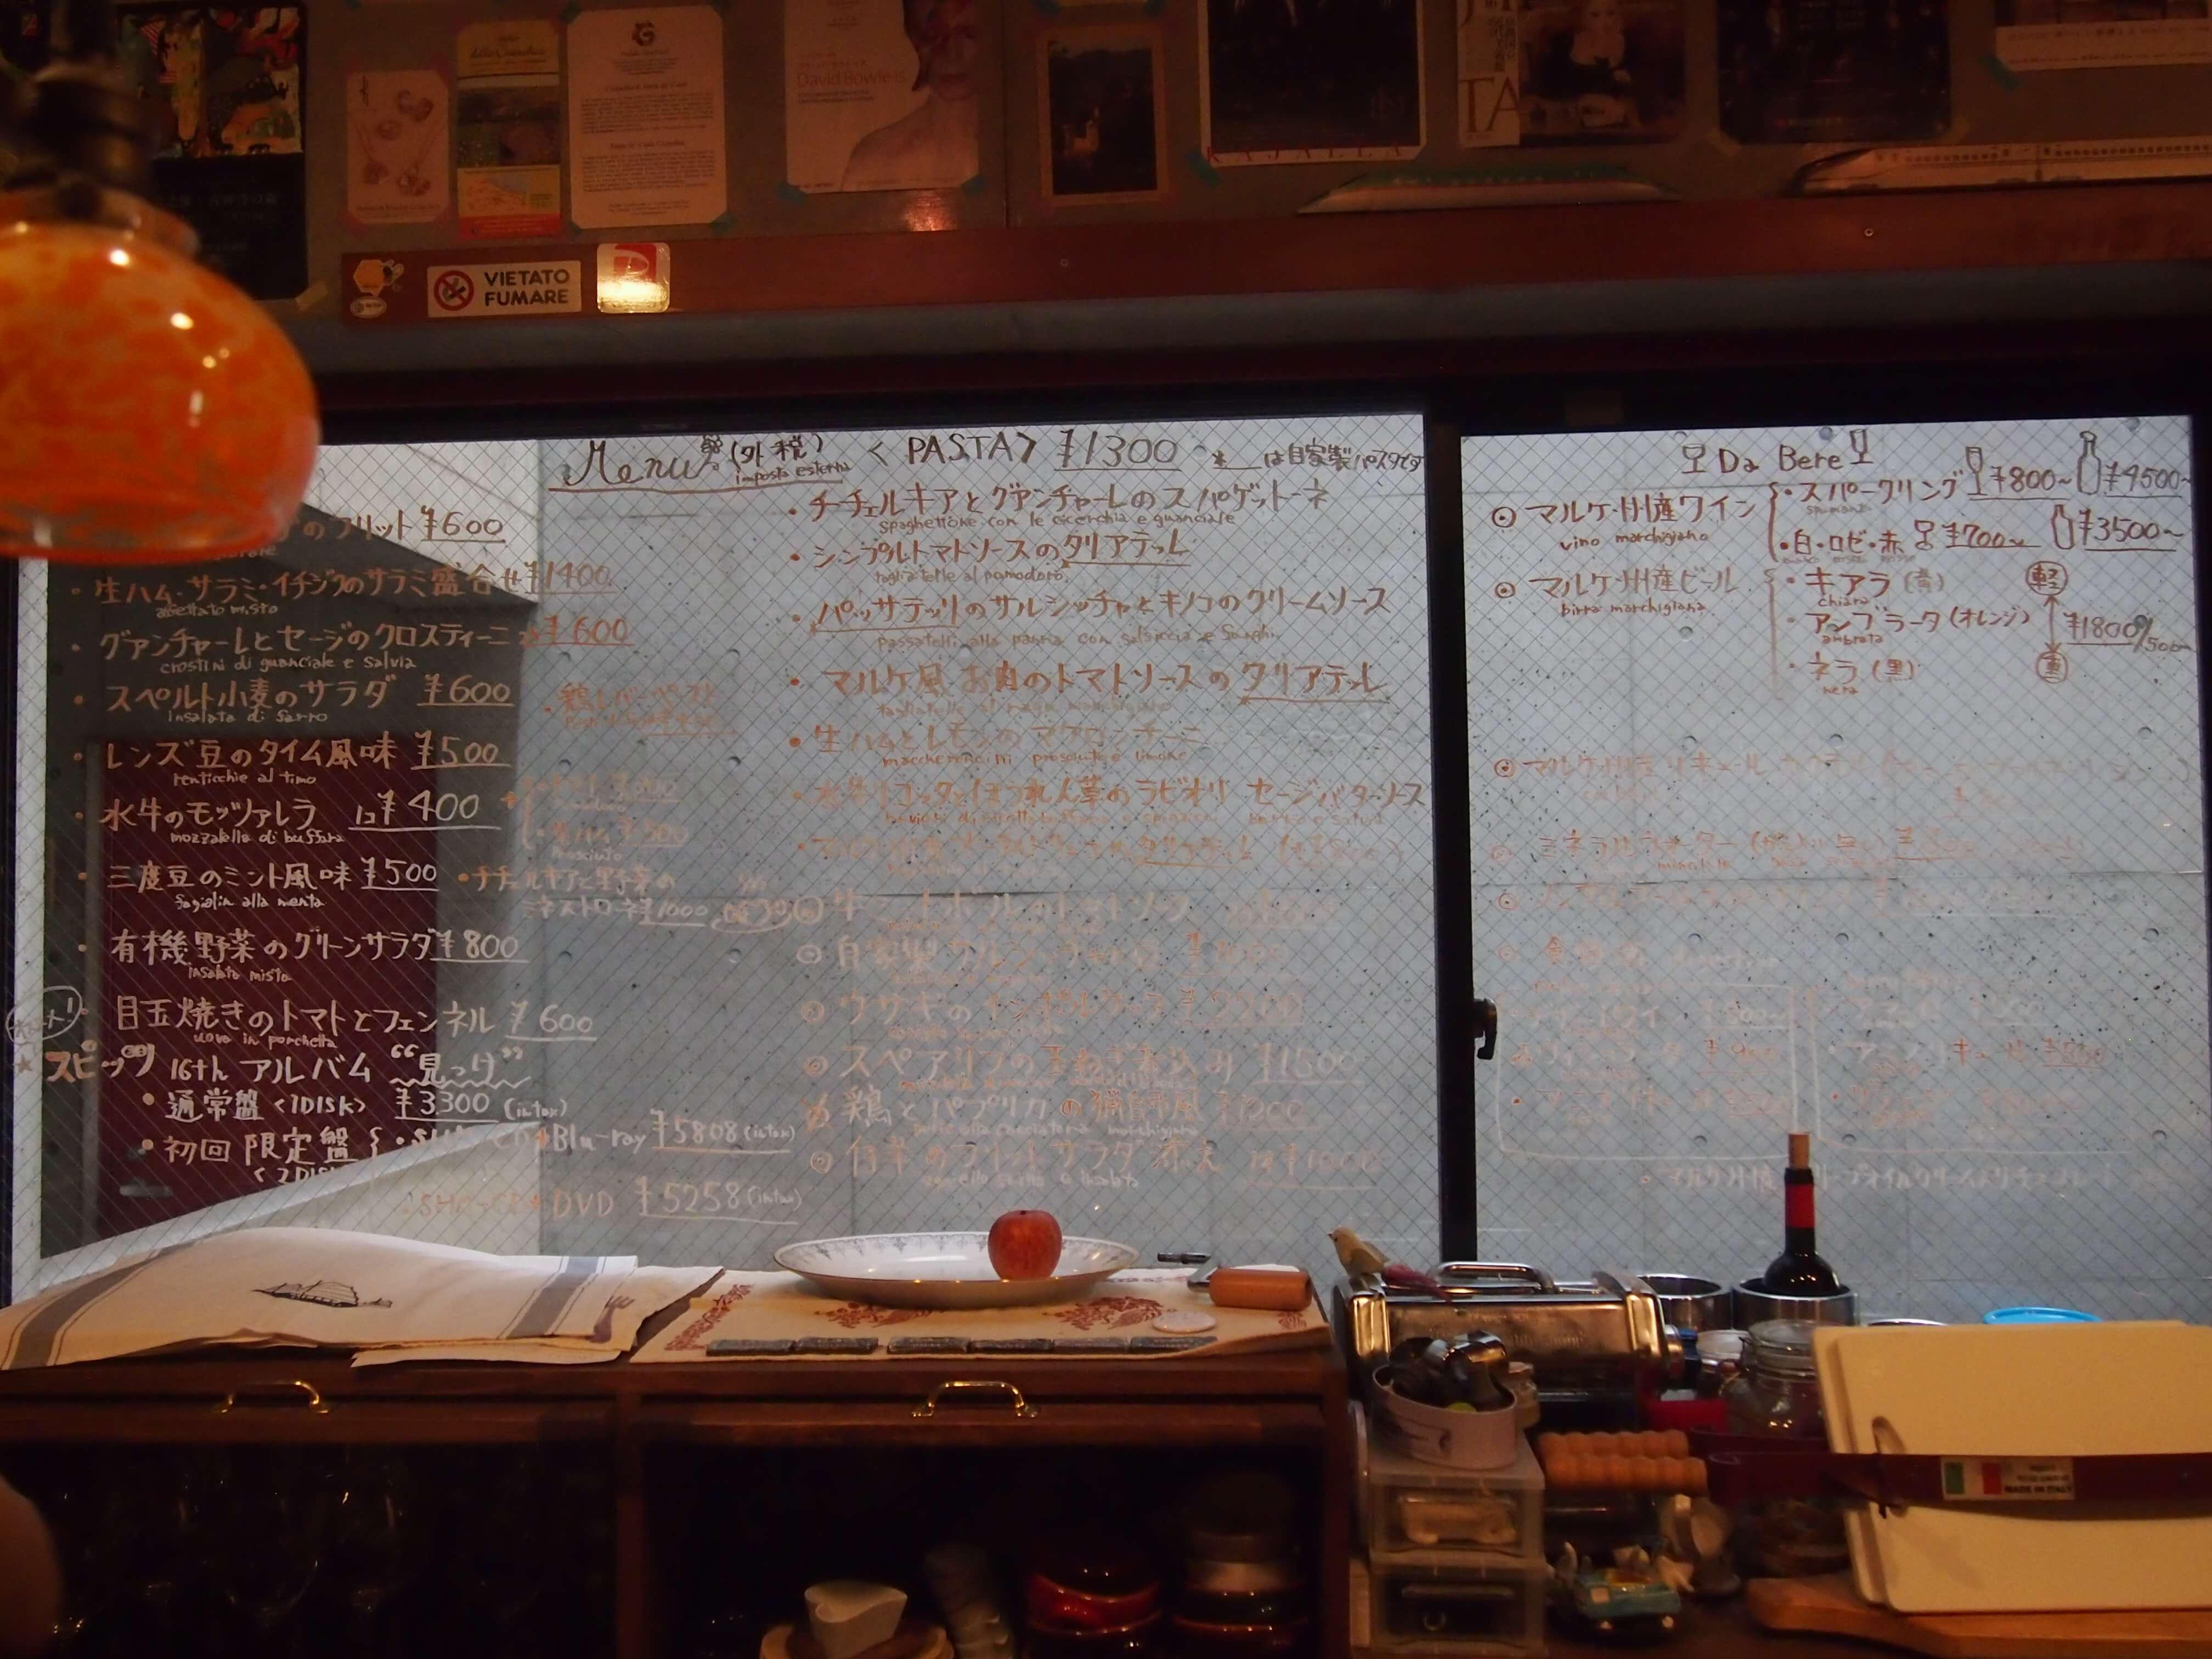 カウンターの向こうの窓に書かれた、マルケ料理のメニューの数々。お馴染みの料理名もあれば、聞きなれない料理名も。